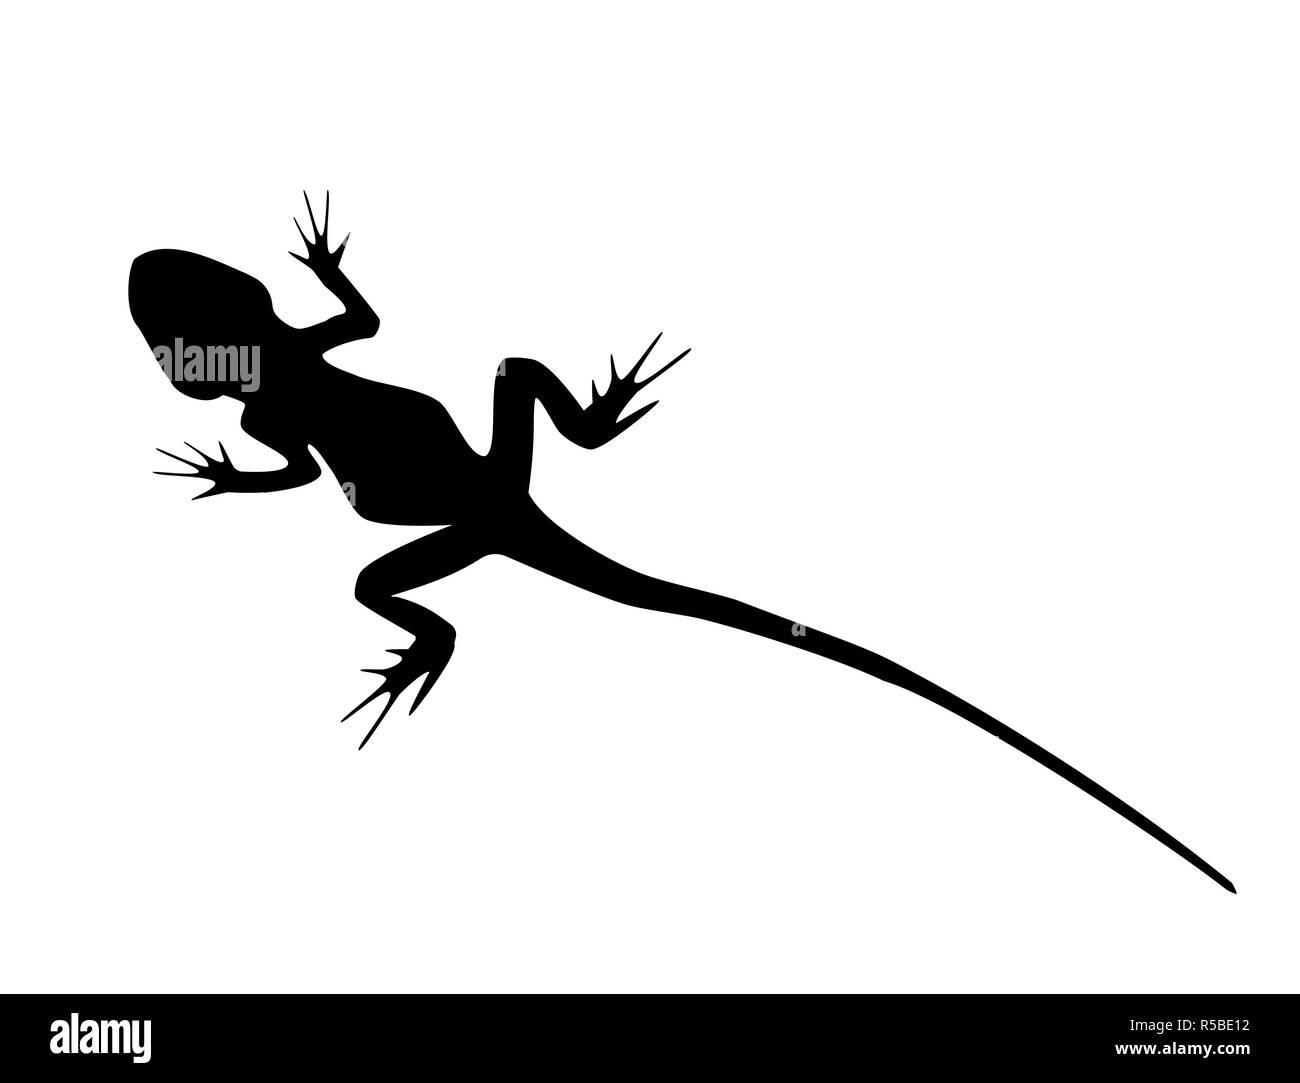 El lagarto de cola larga silueta negra animales salvajes aislado sobre fondo blanco. Esquema simple dibujado reptil, logotipo Ícono ilustración Imagen De Stock